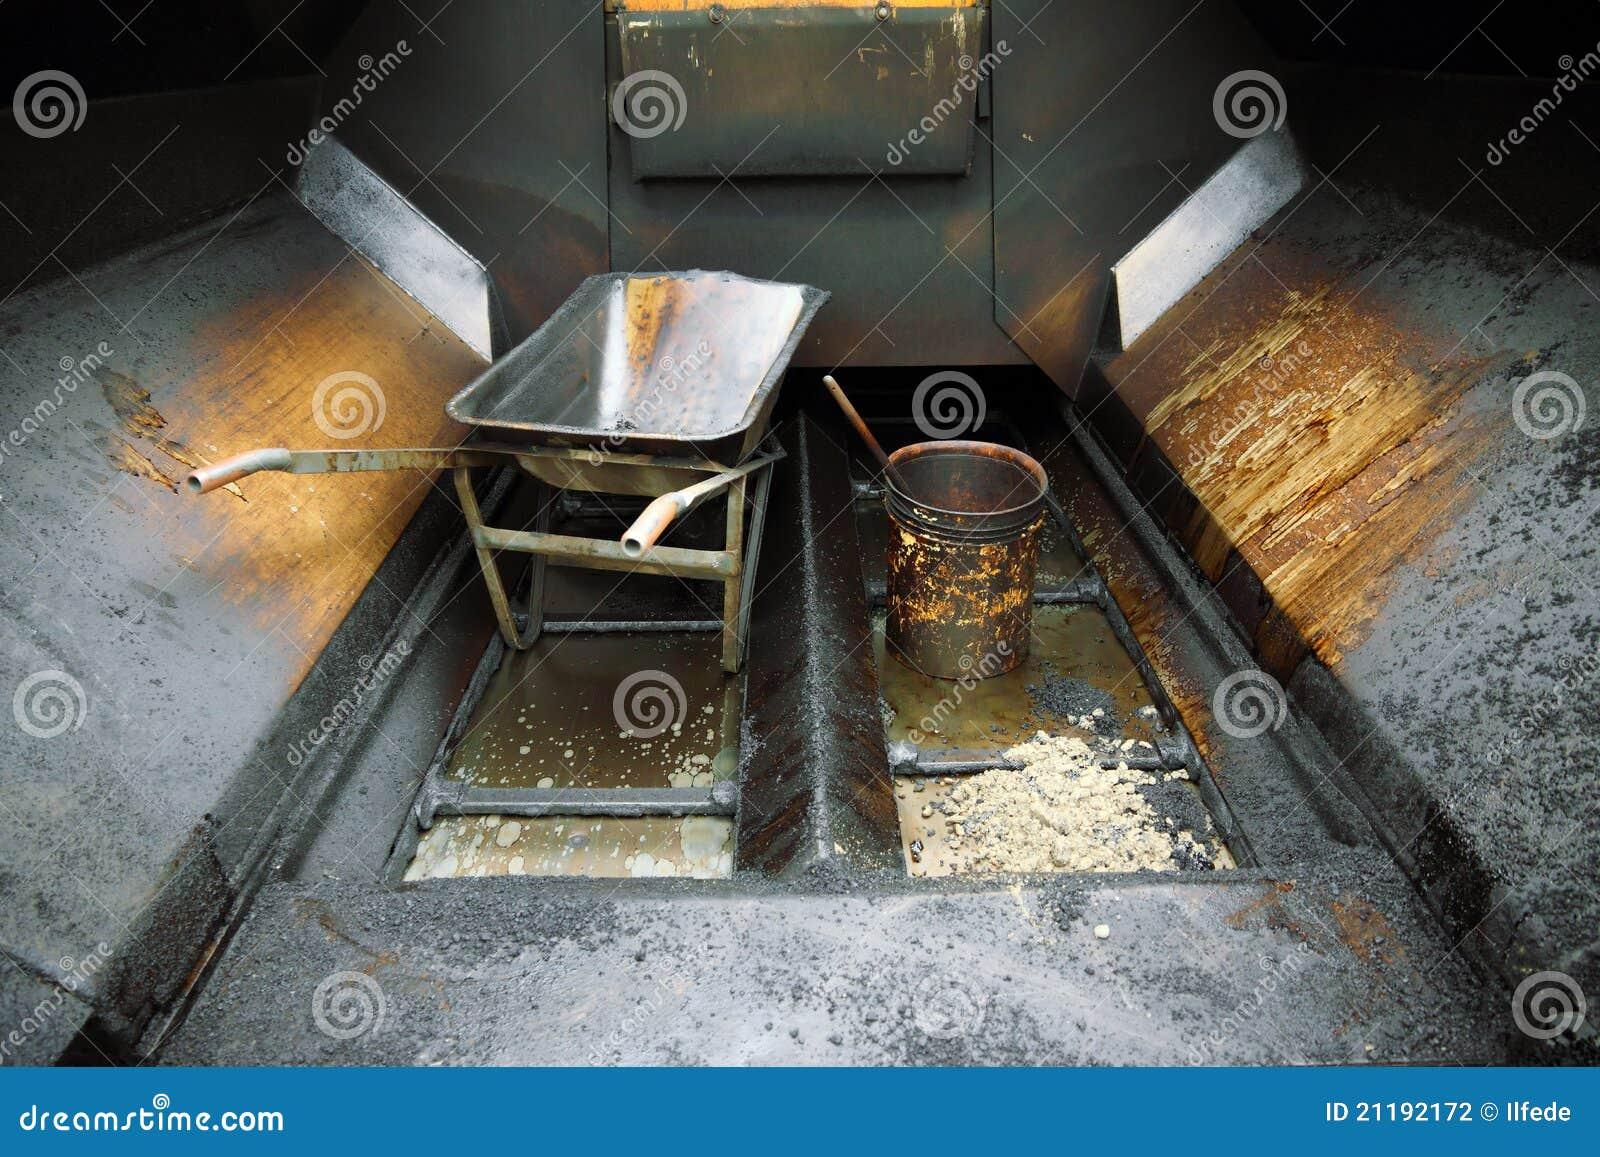 Dirty tar bucket and wheelbarrow